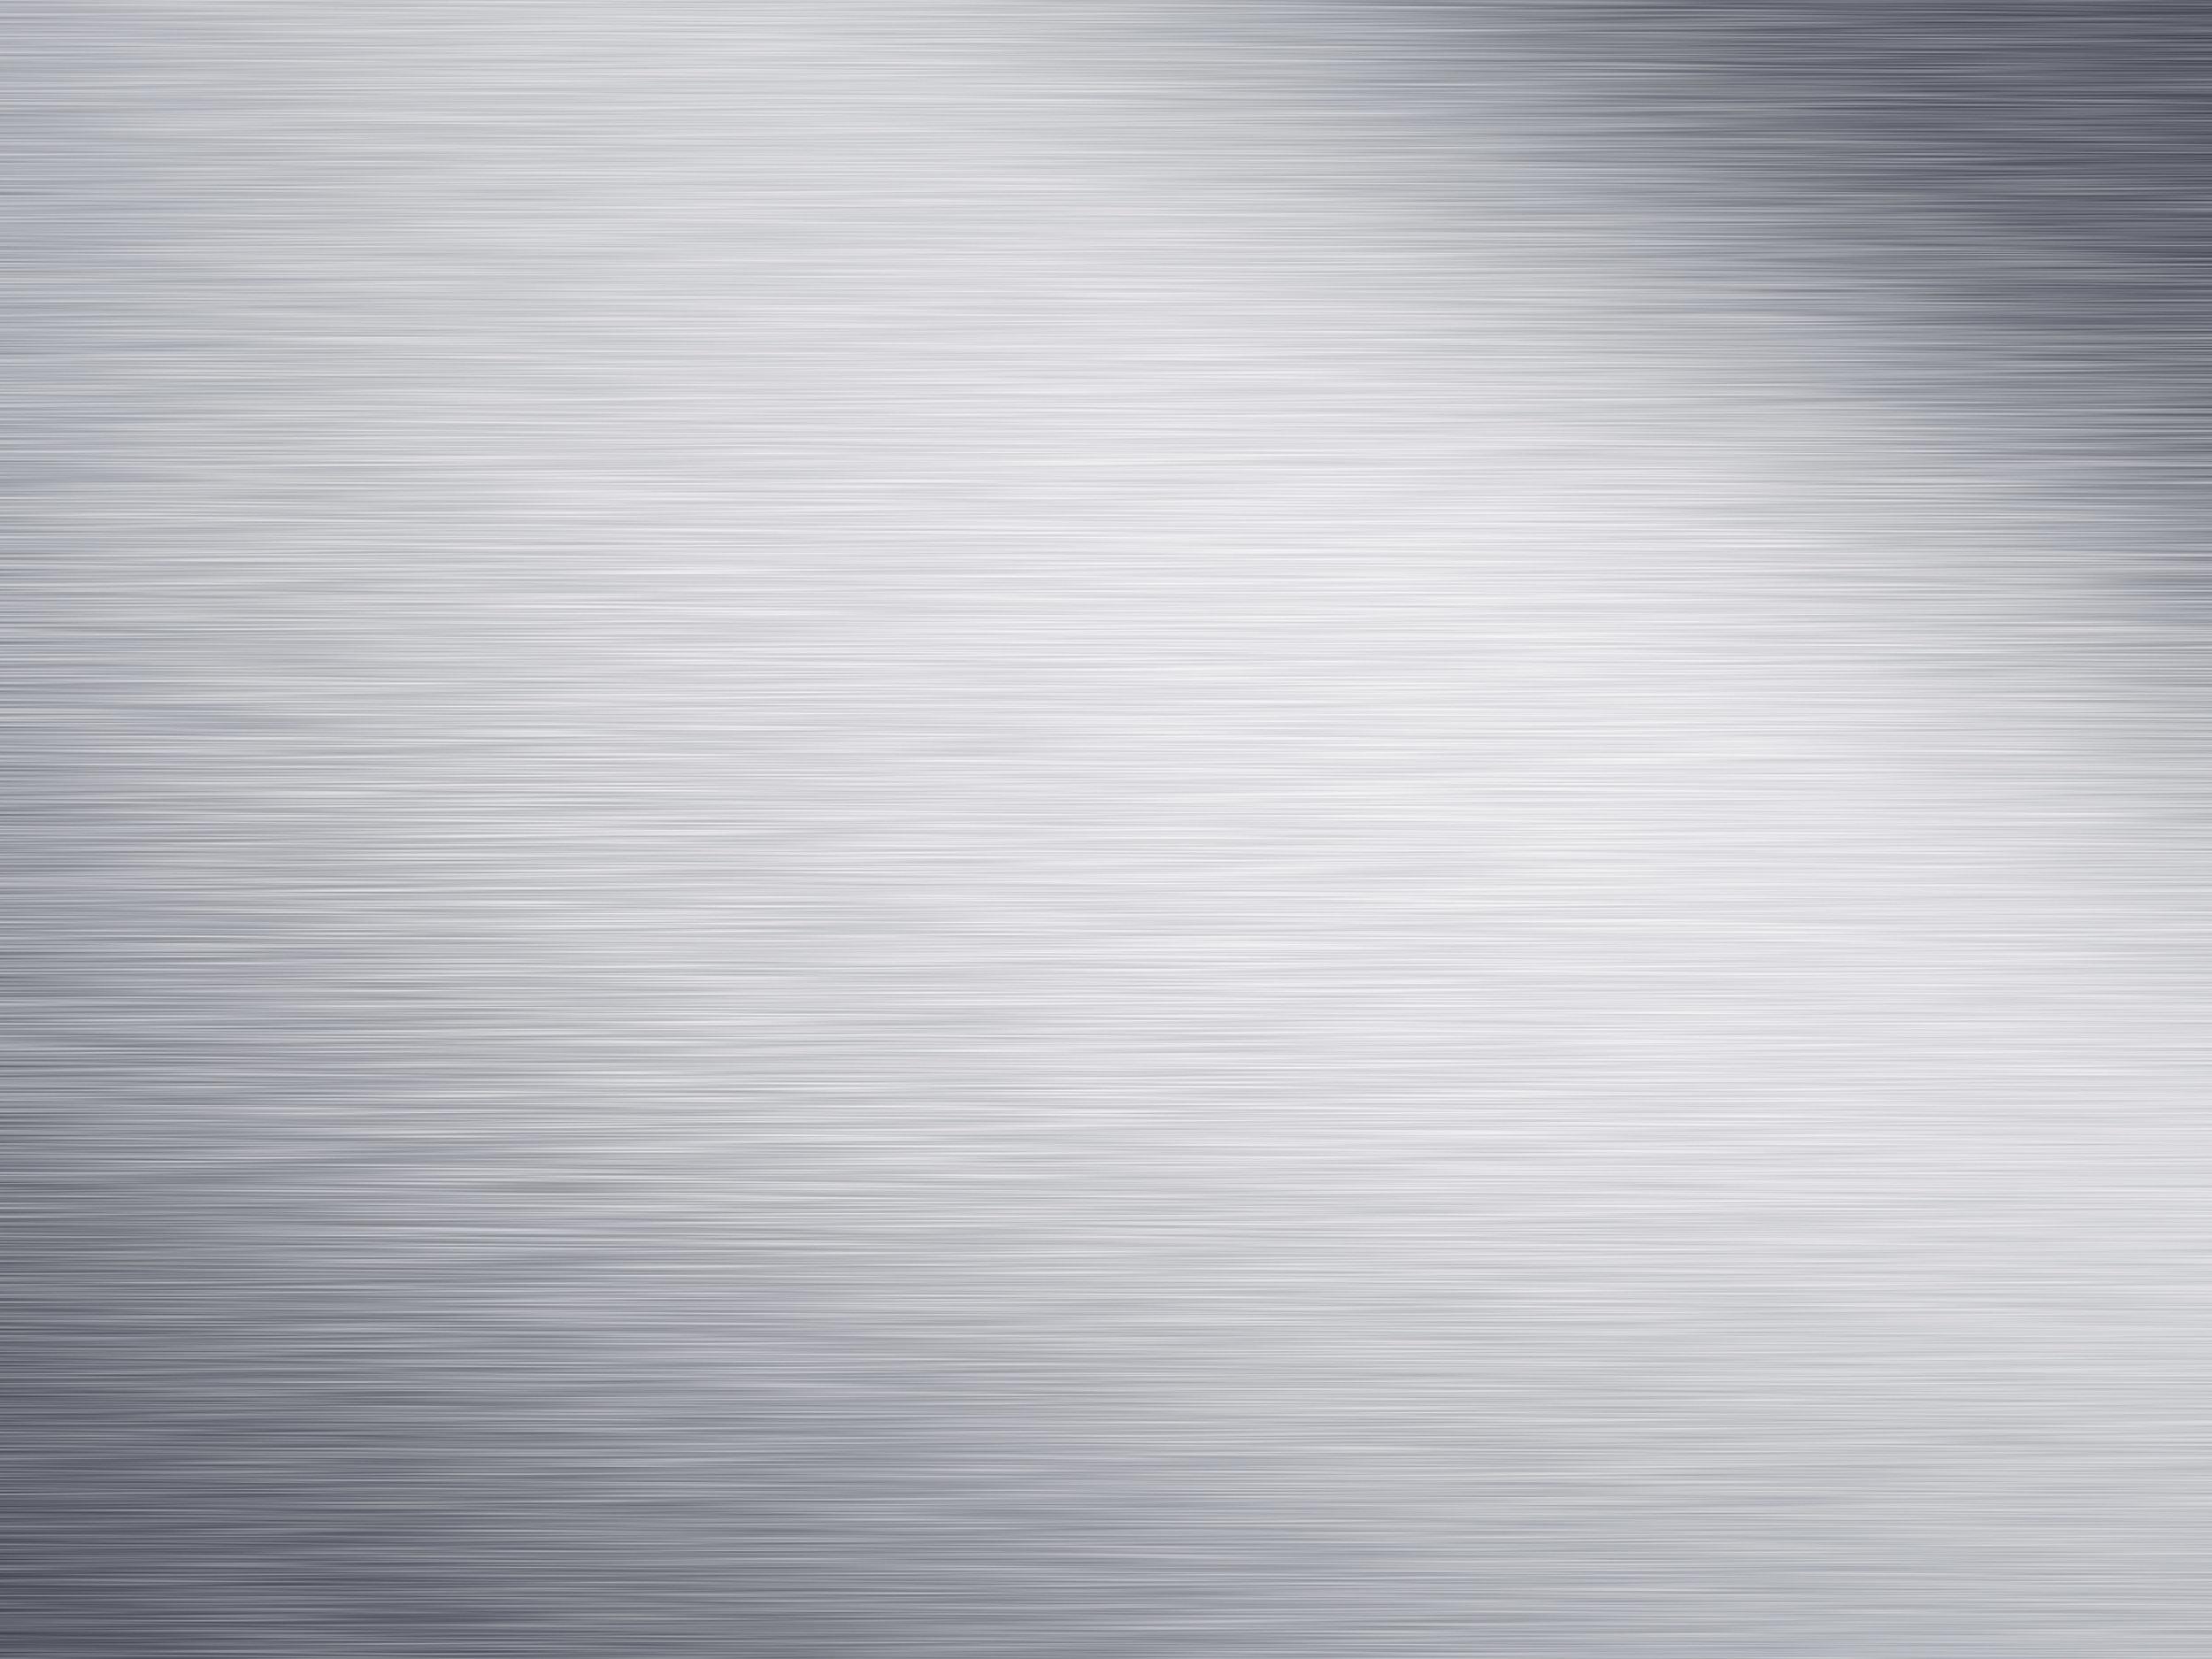 aluminum_texture1642 (1).jpg